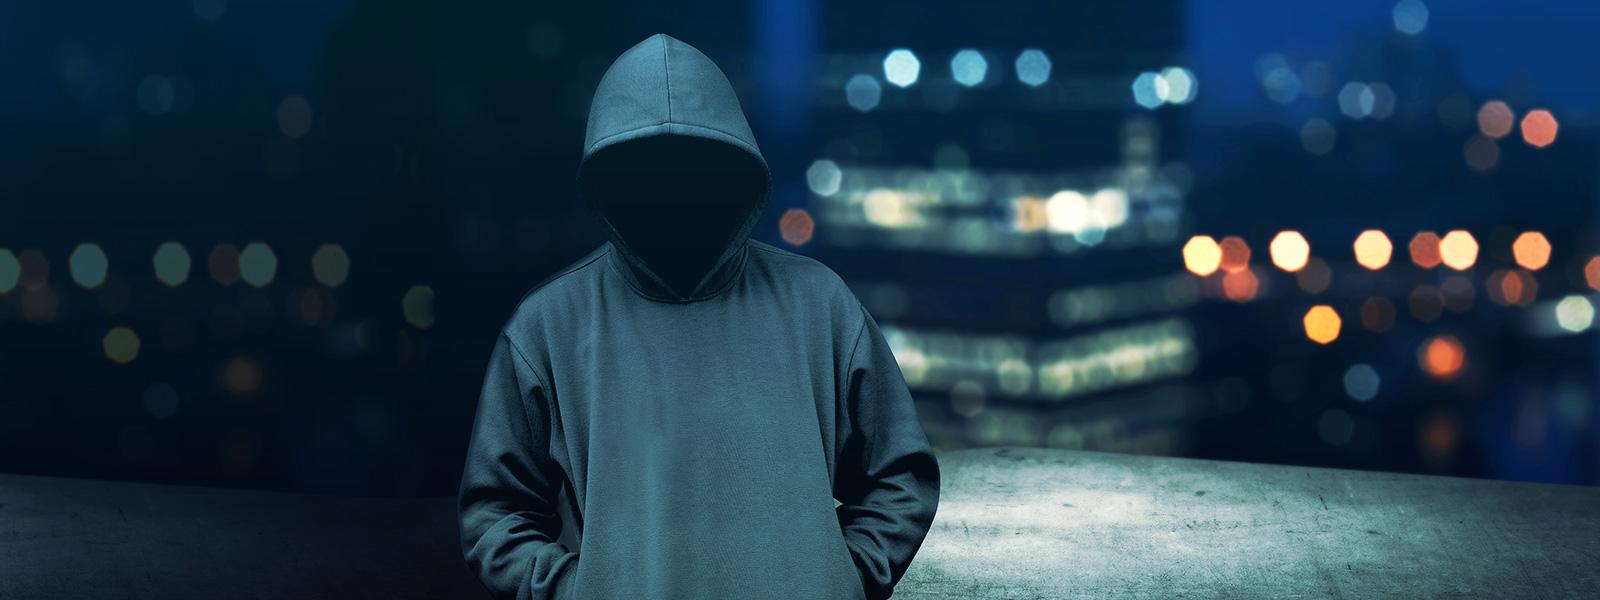 rastreador-pessoal-combate-violencia-urbana-blog-ceabs